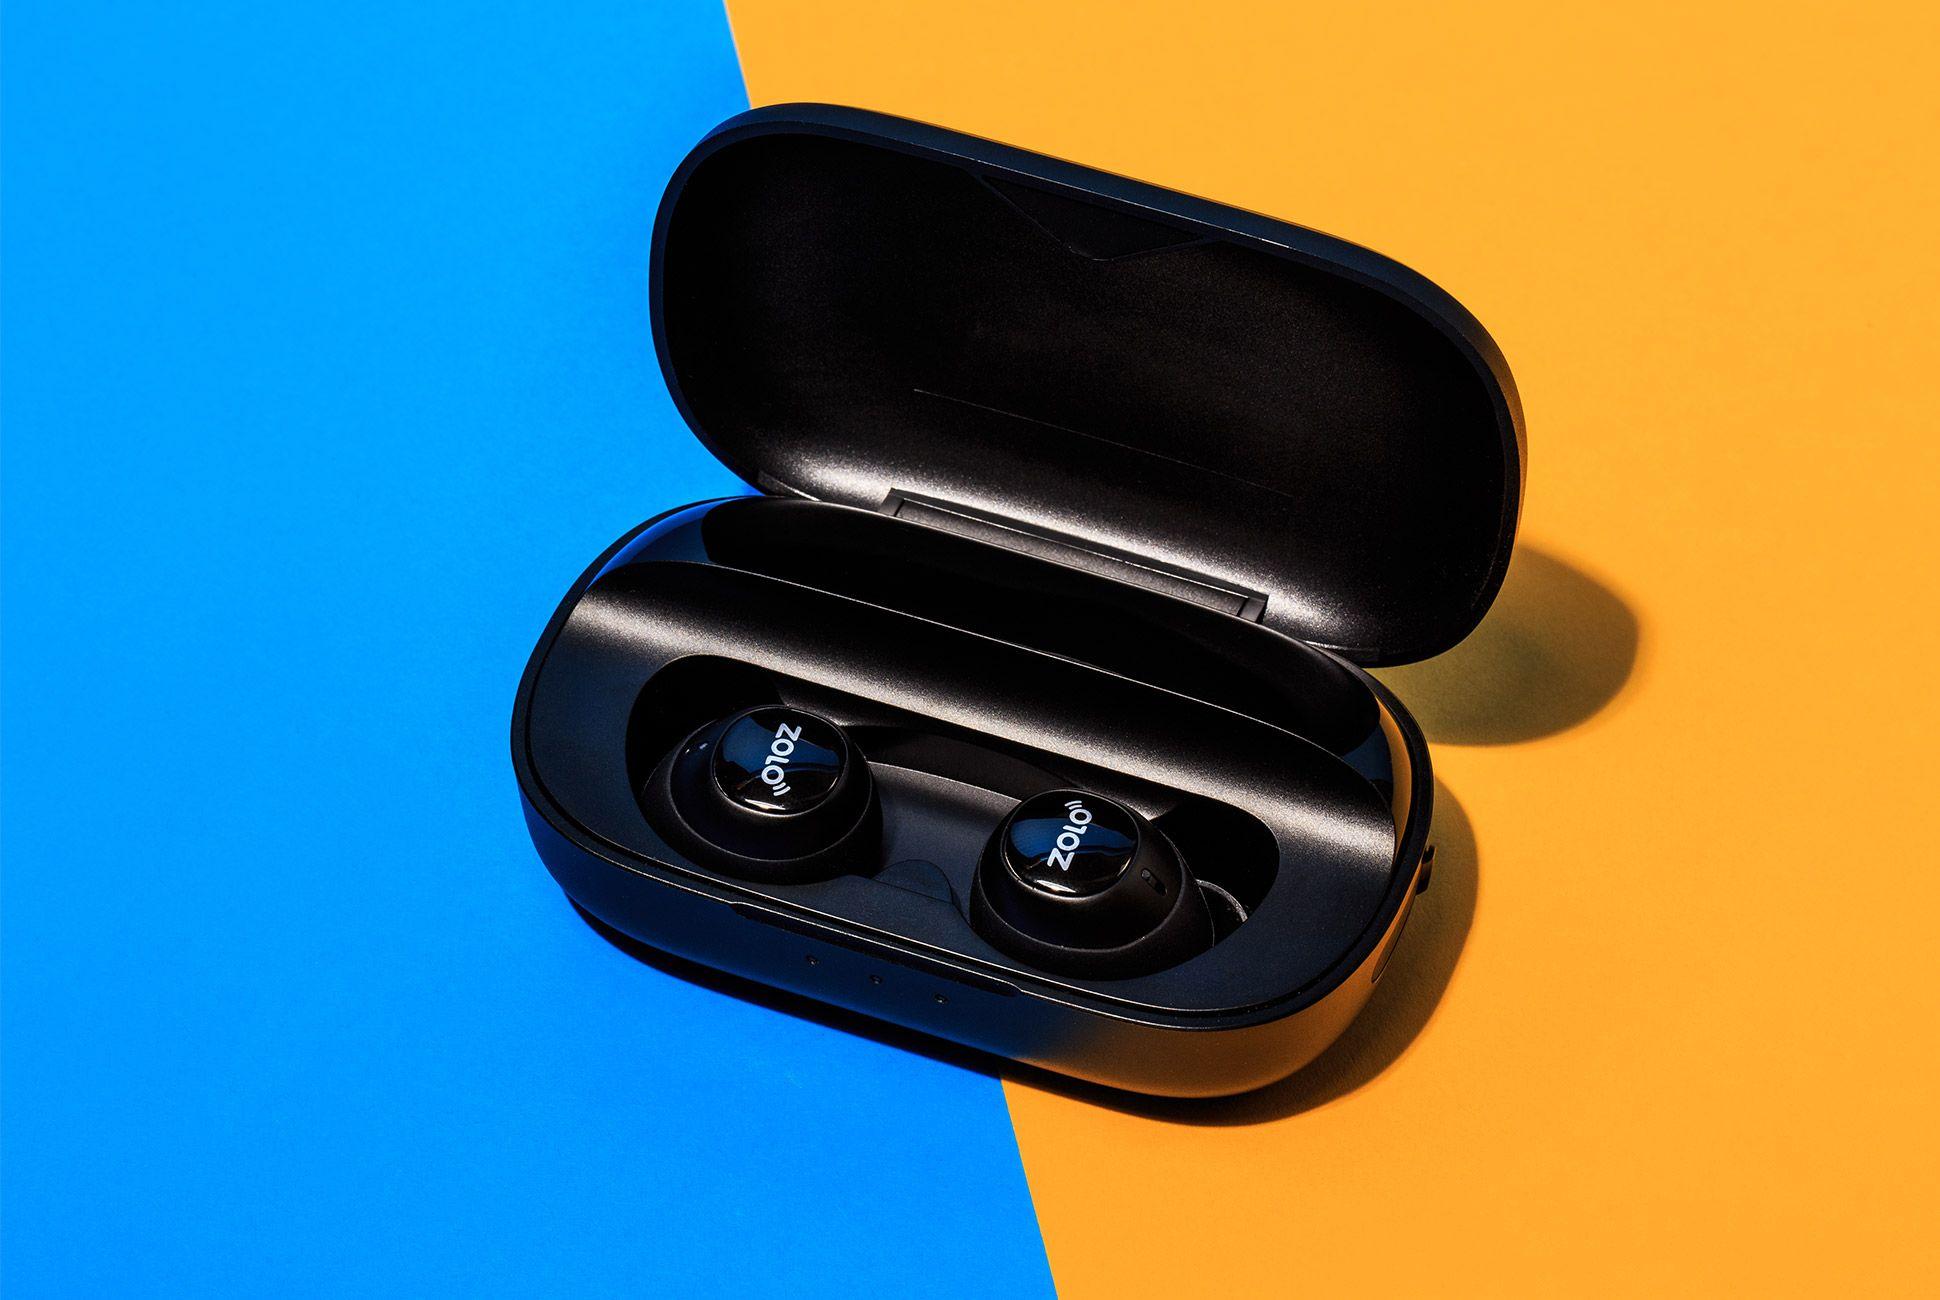 Anker-Liberty-Zolo-Wireless-Headphones-gear-patrol-4